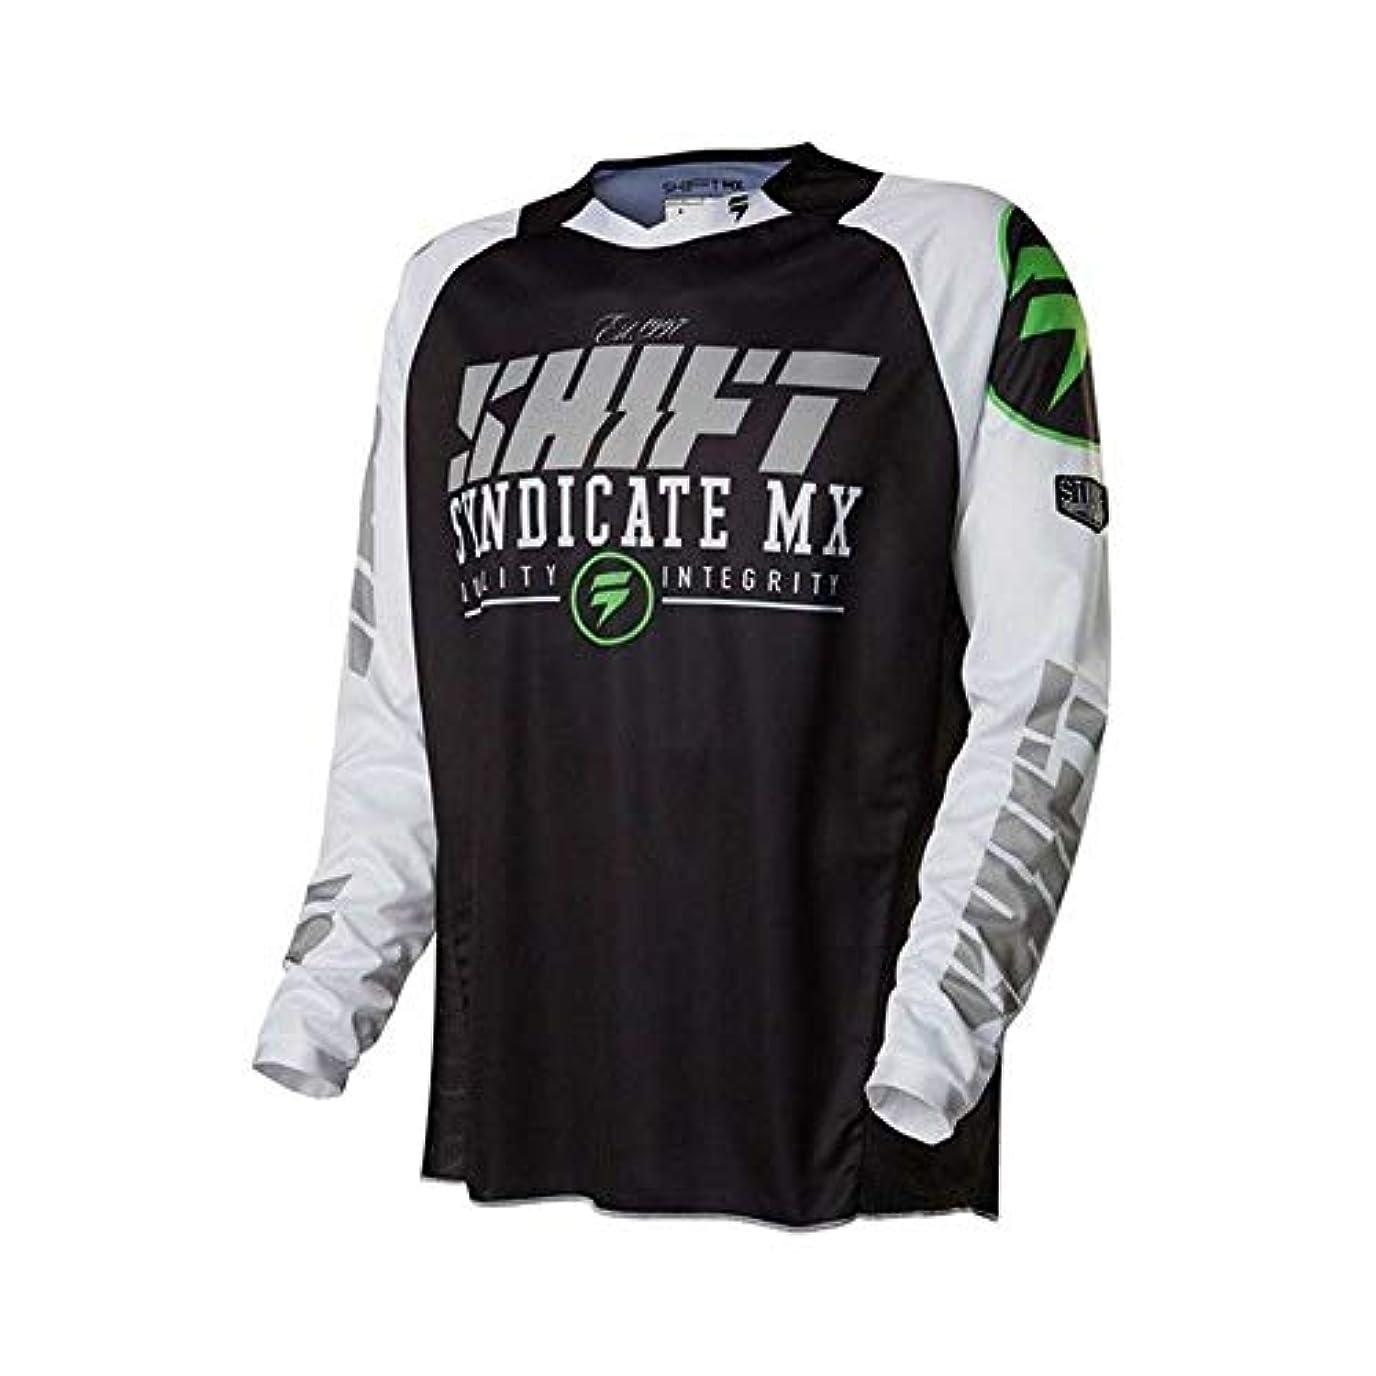 千注入群集CXUNKK オートバイのオフロード服に乗って夏のアウトドアライディングスピードの服長袖シャツメンズマウンテンバイク (Color : 15, Size : S)